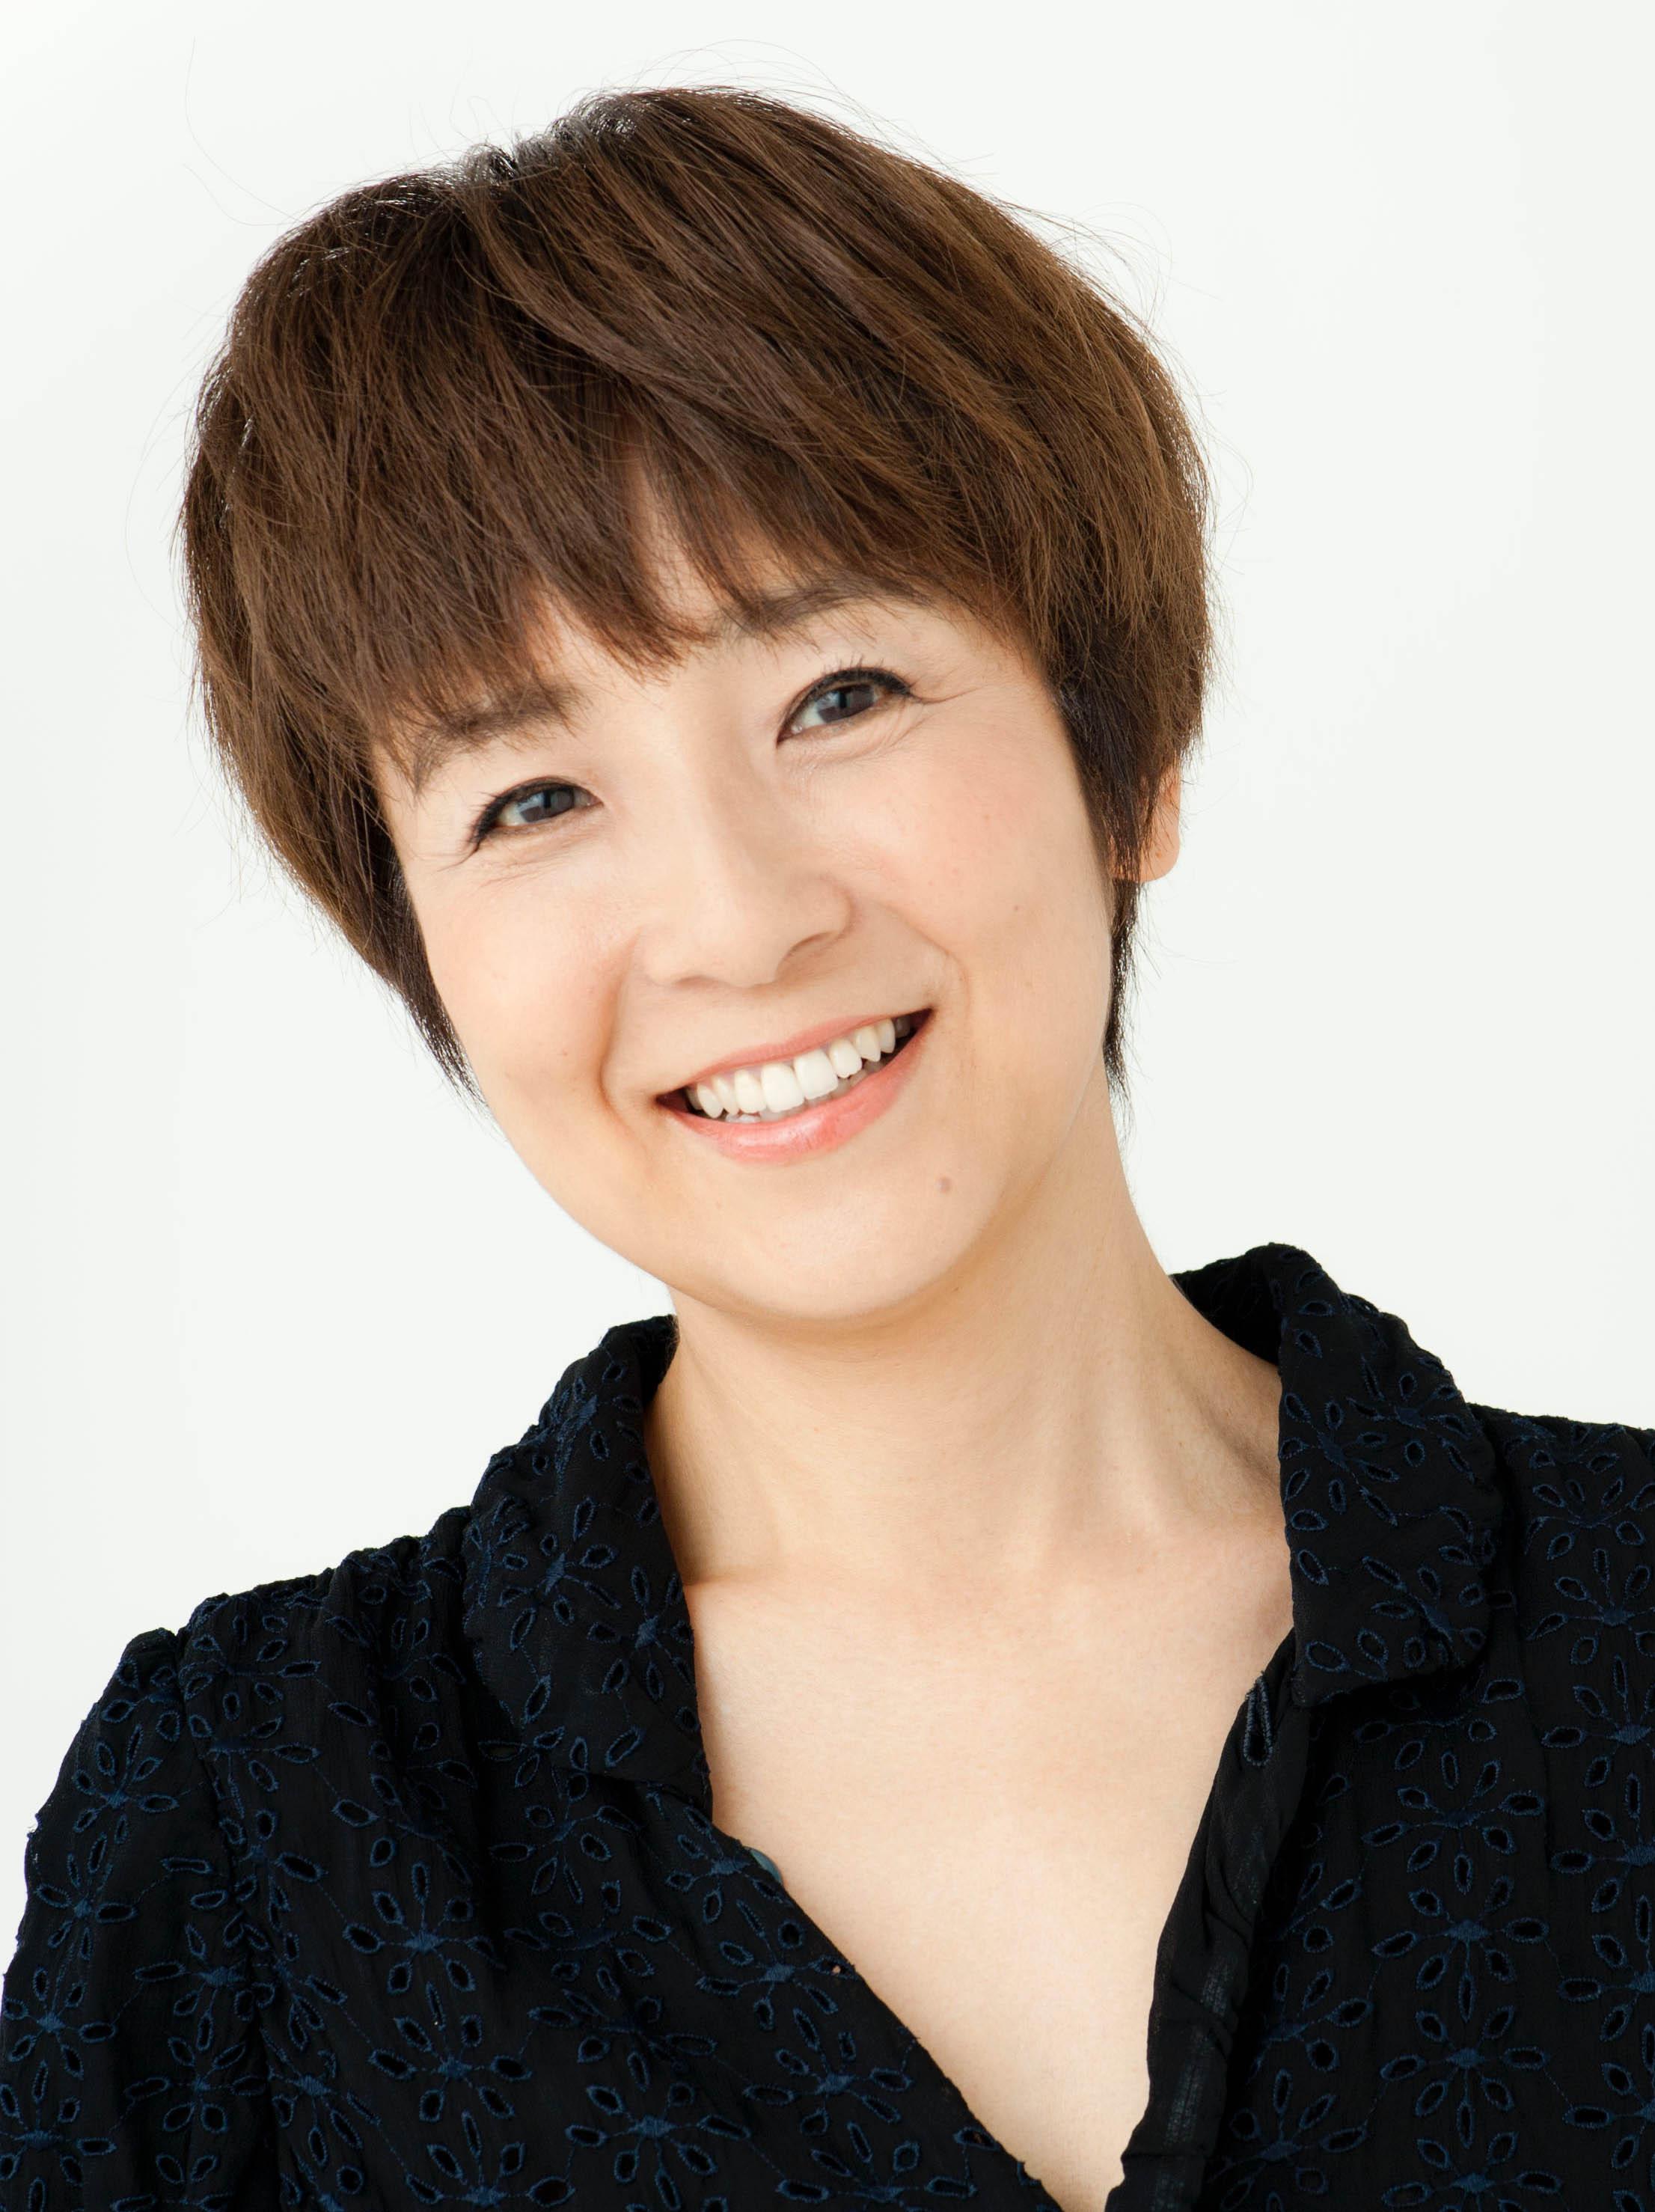 11/3ビューティカレッジ藤田朋子さんゲスト出演 | 平成 ...